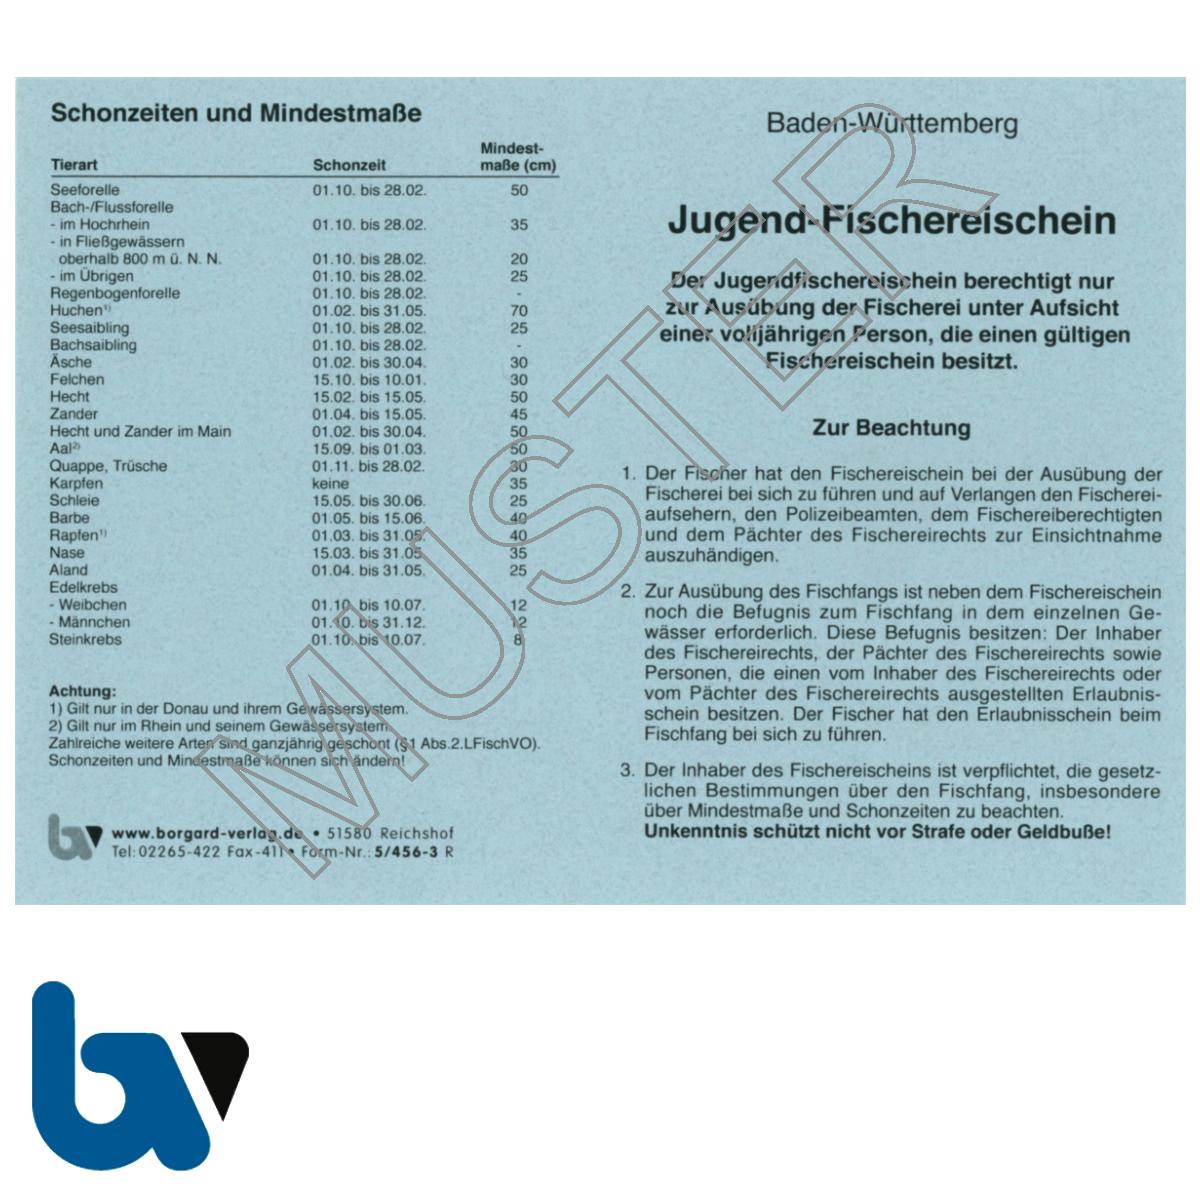 5/456-3 Jugendfischereischein BW Baden-Württemberg blau Neobond Muster Vorderseite   Borgard Verlag GmbH